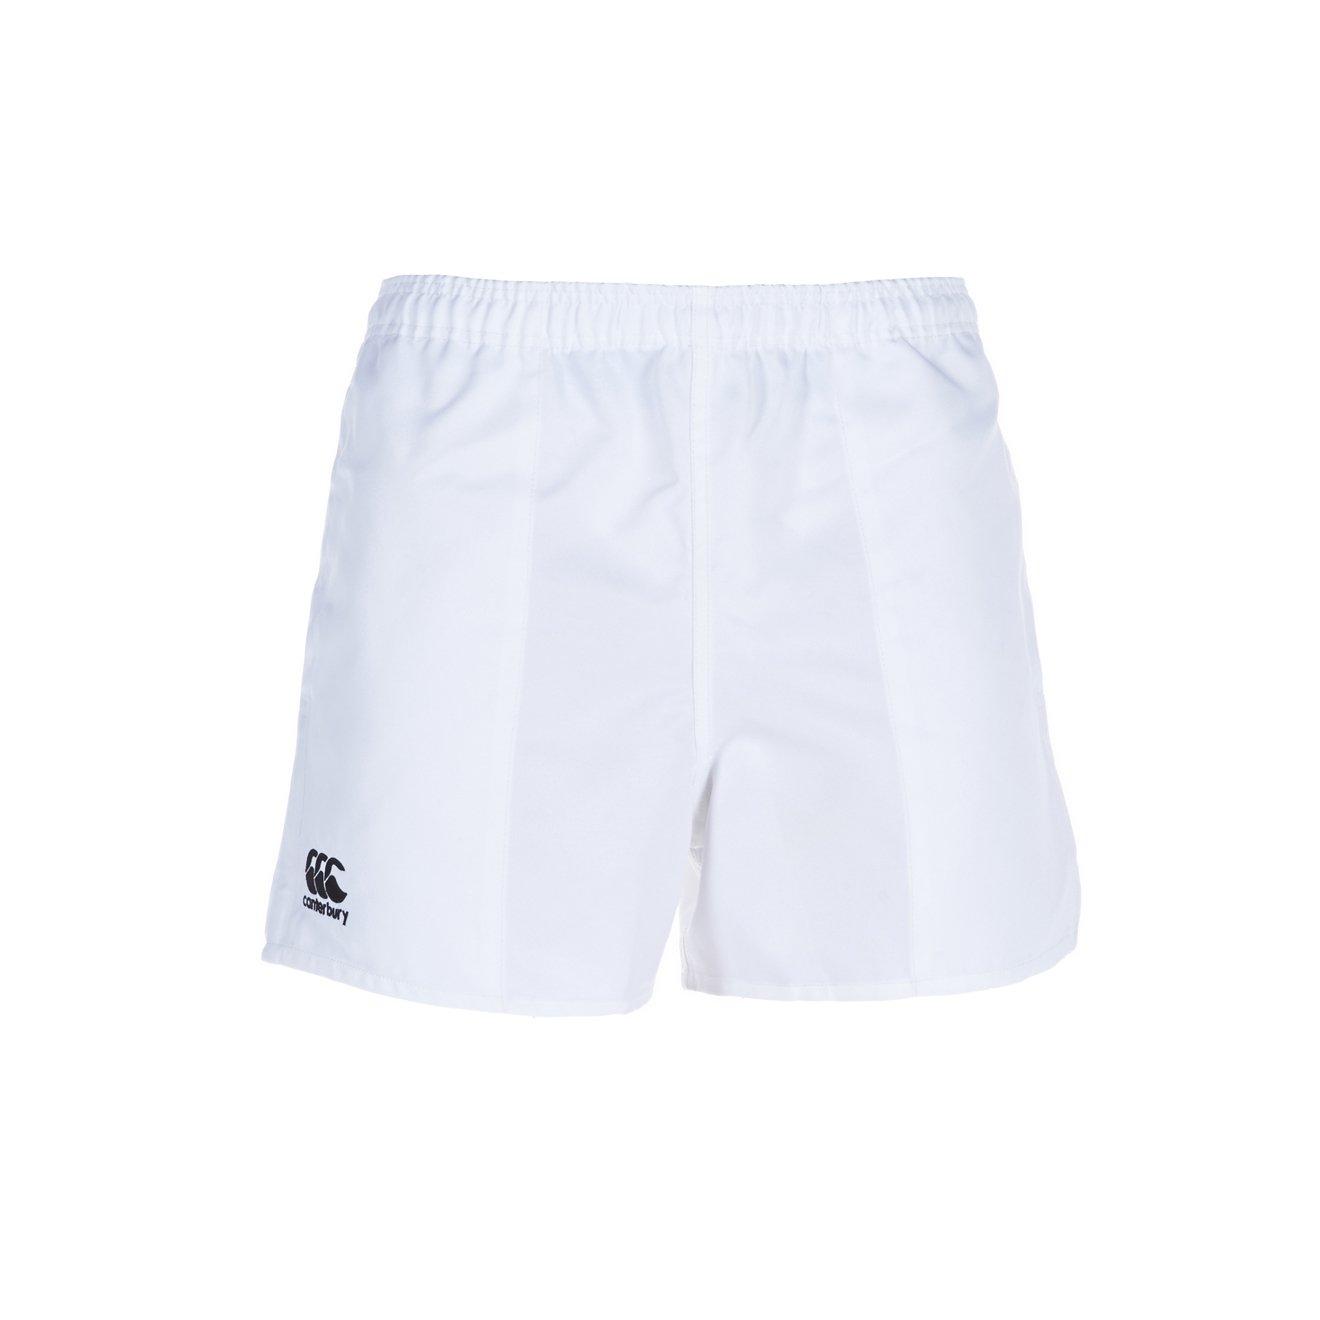 TALLA S. Canterbury Professional Rugby Pantalones Cortos con Cintura Elástica, Hombre